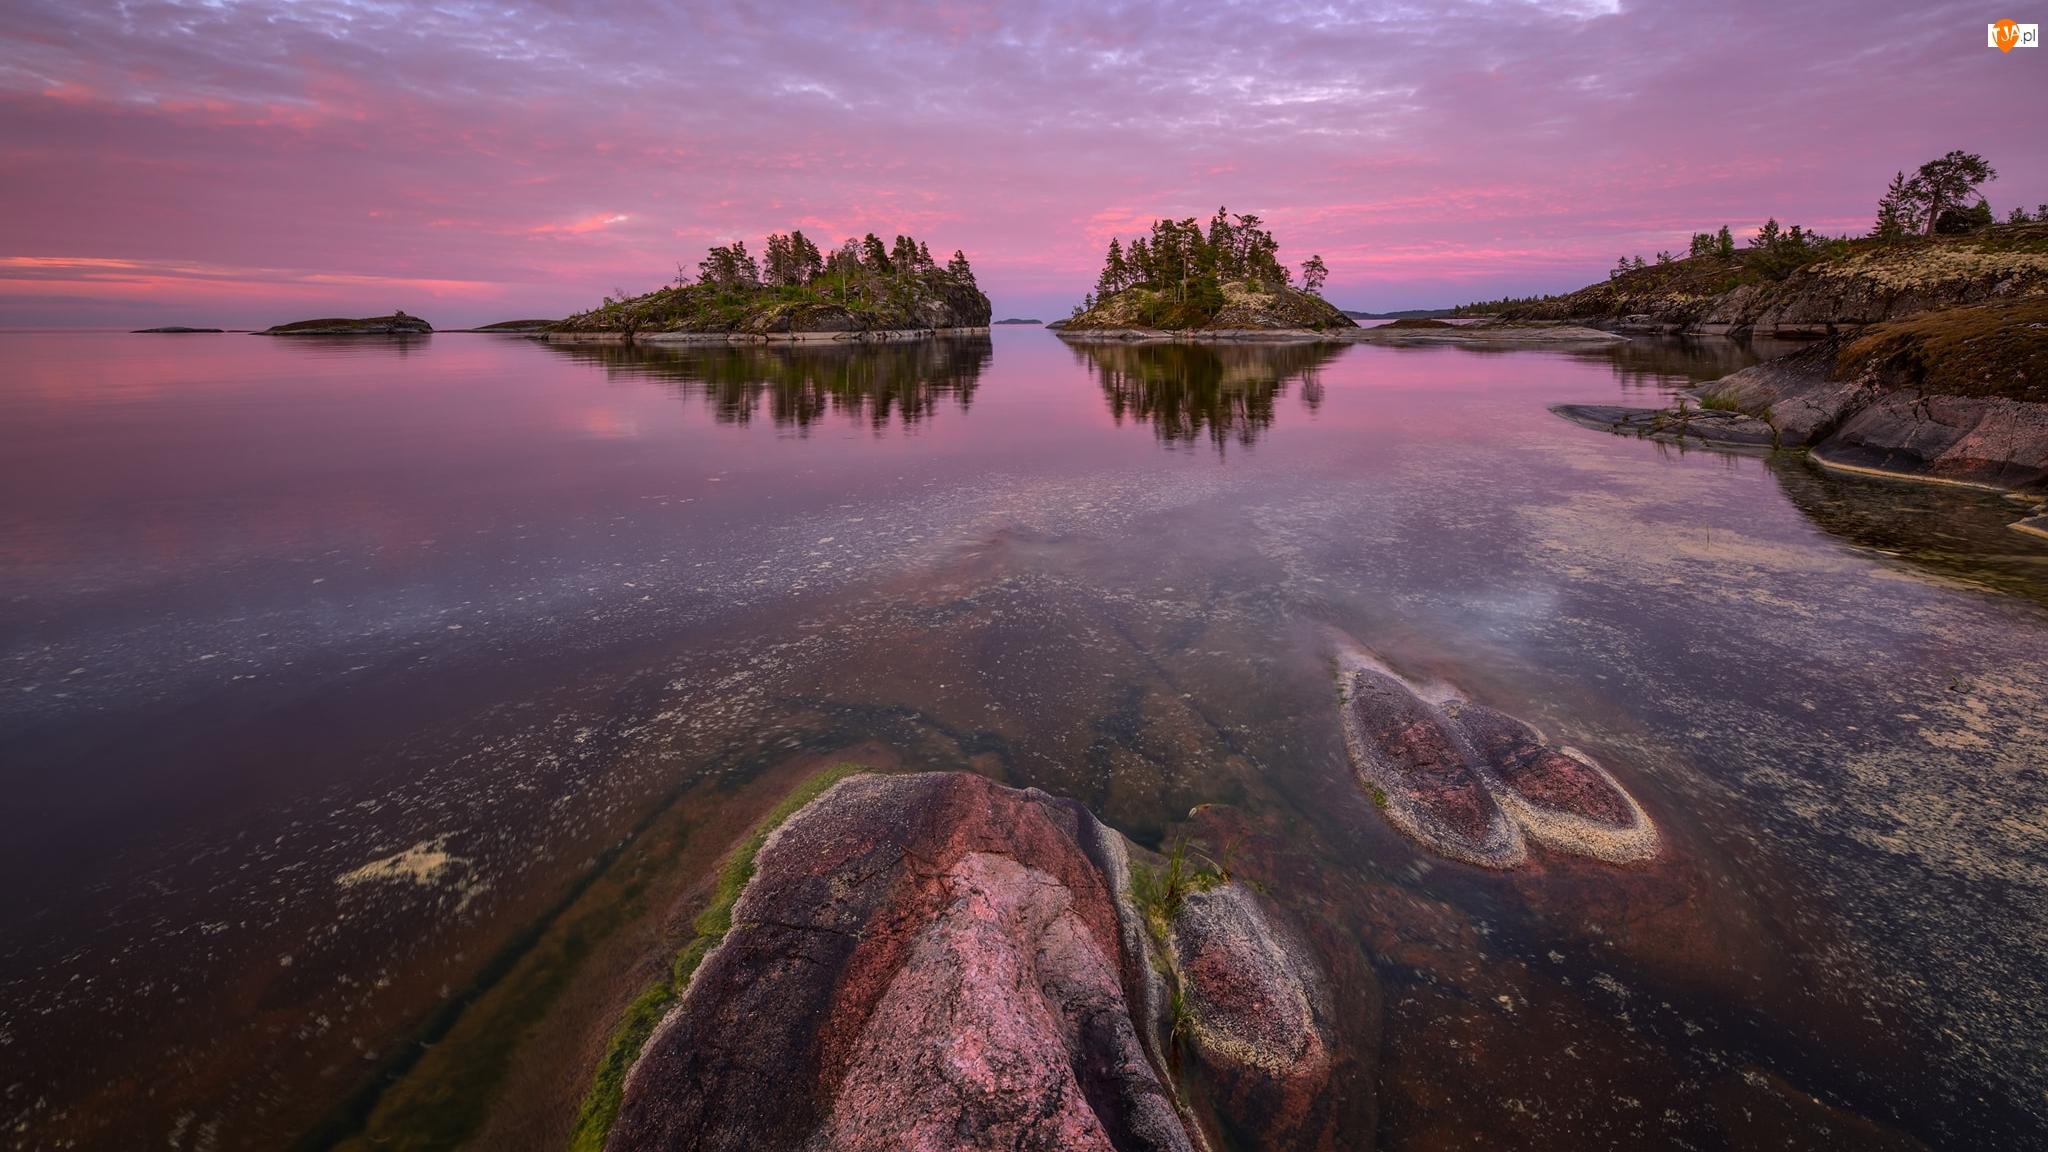 Jezioro Ładoga, Wysepki, Niebo, Rosja, Zaróżowione, Drzewa, Skały